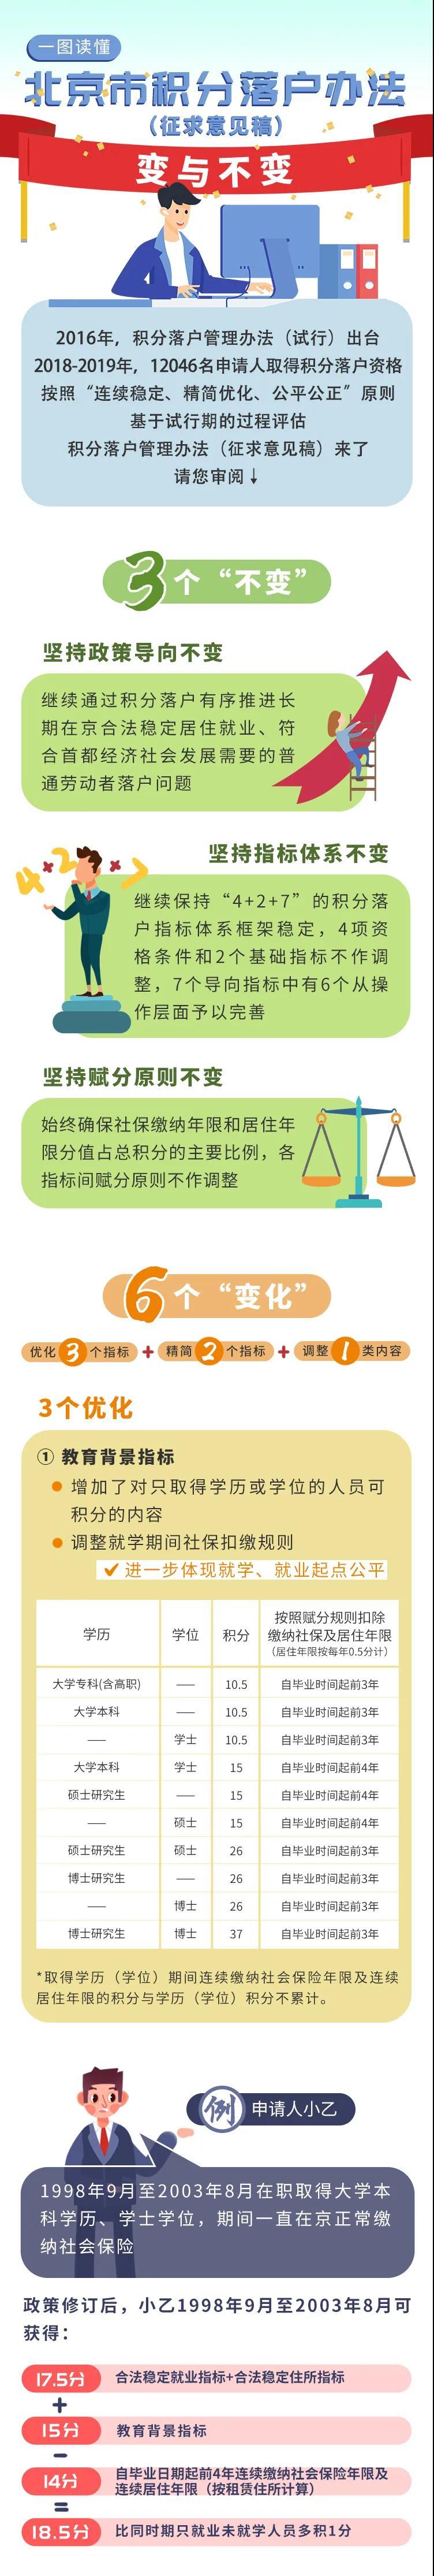 [摩天测速]看懂北京市积摩天测速分落户管理办法图片